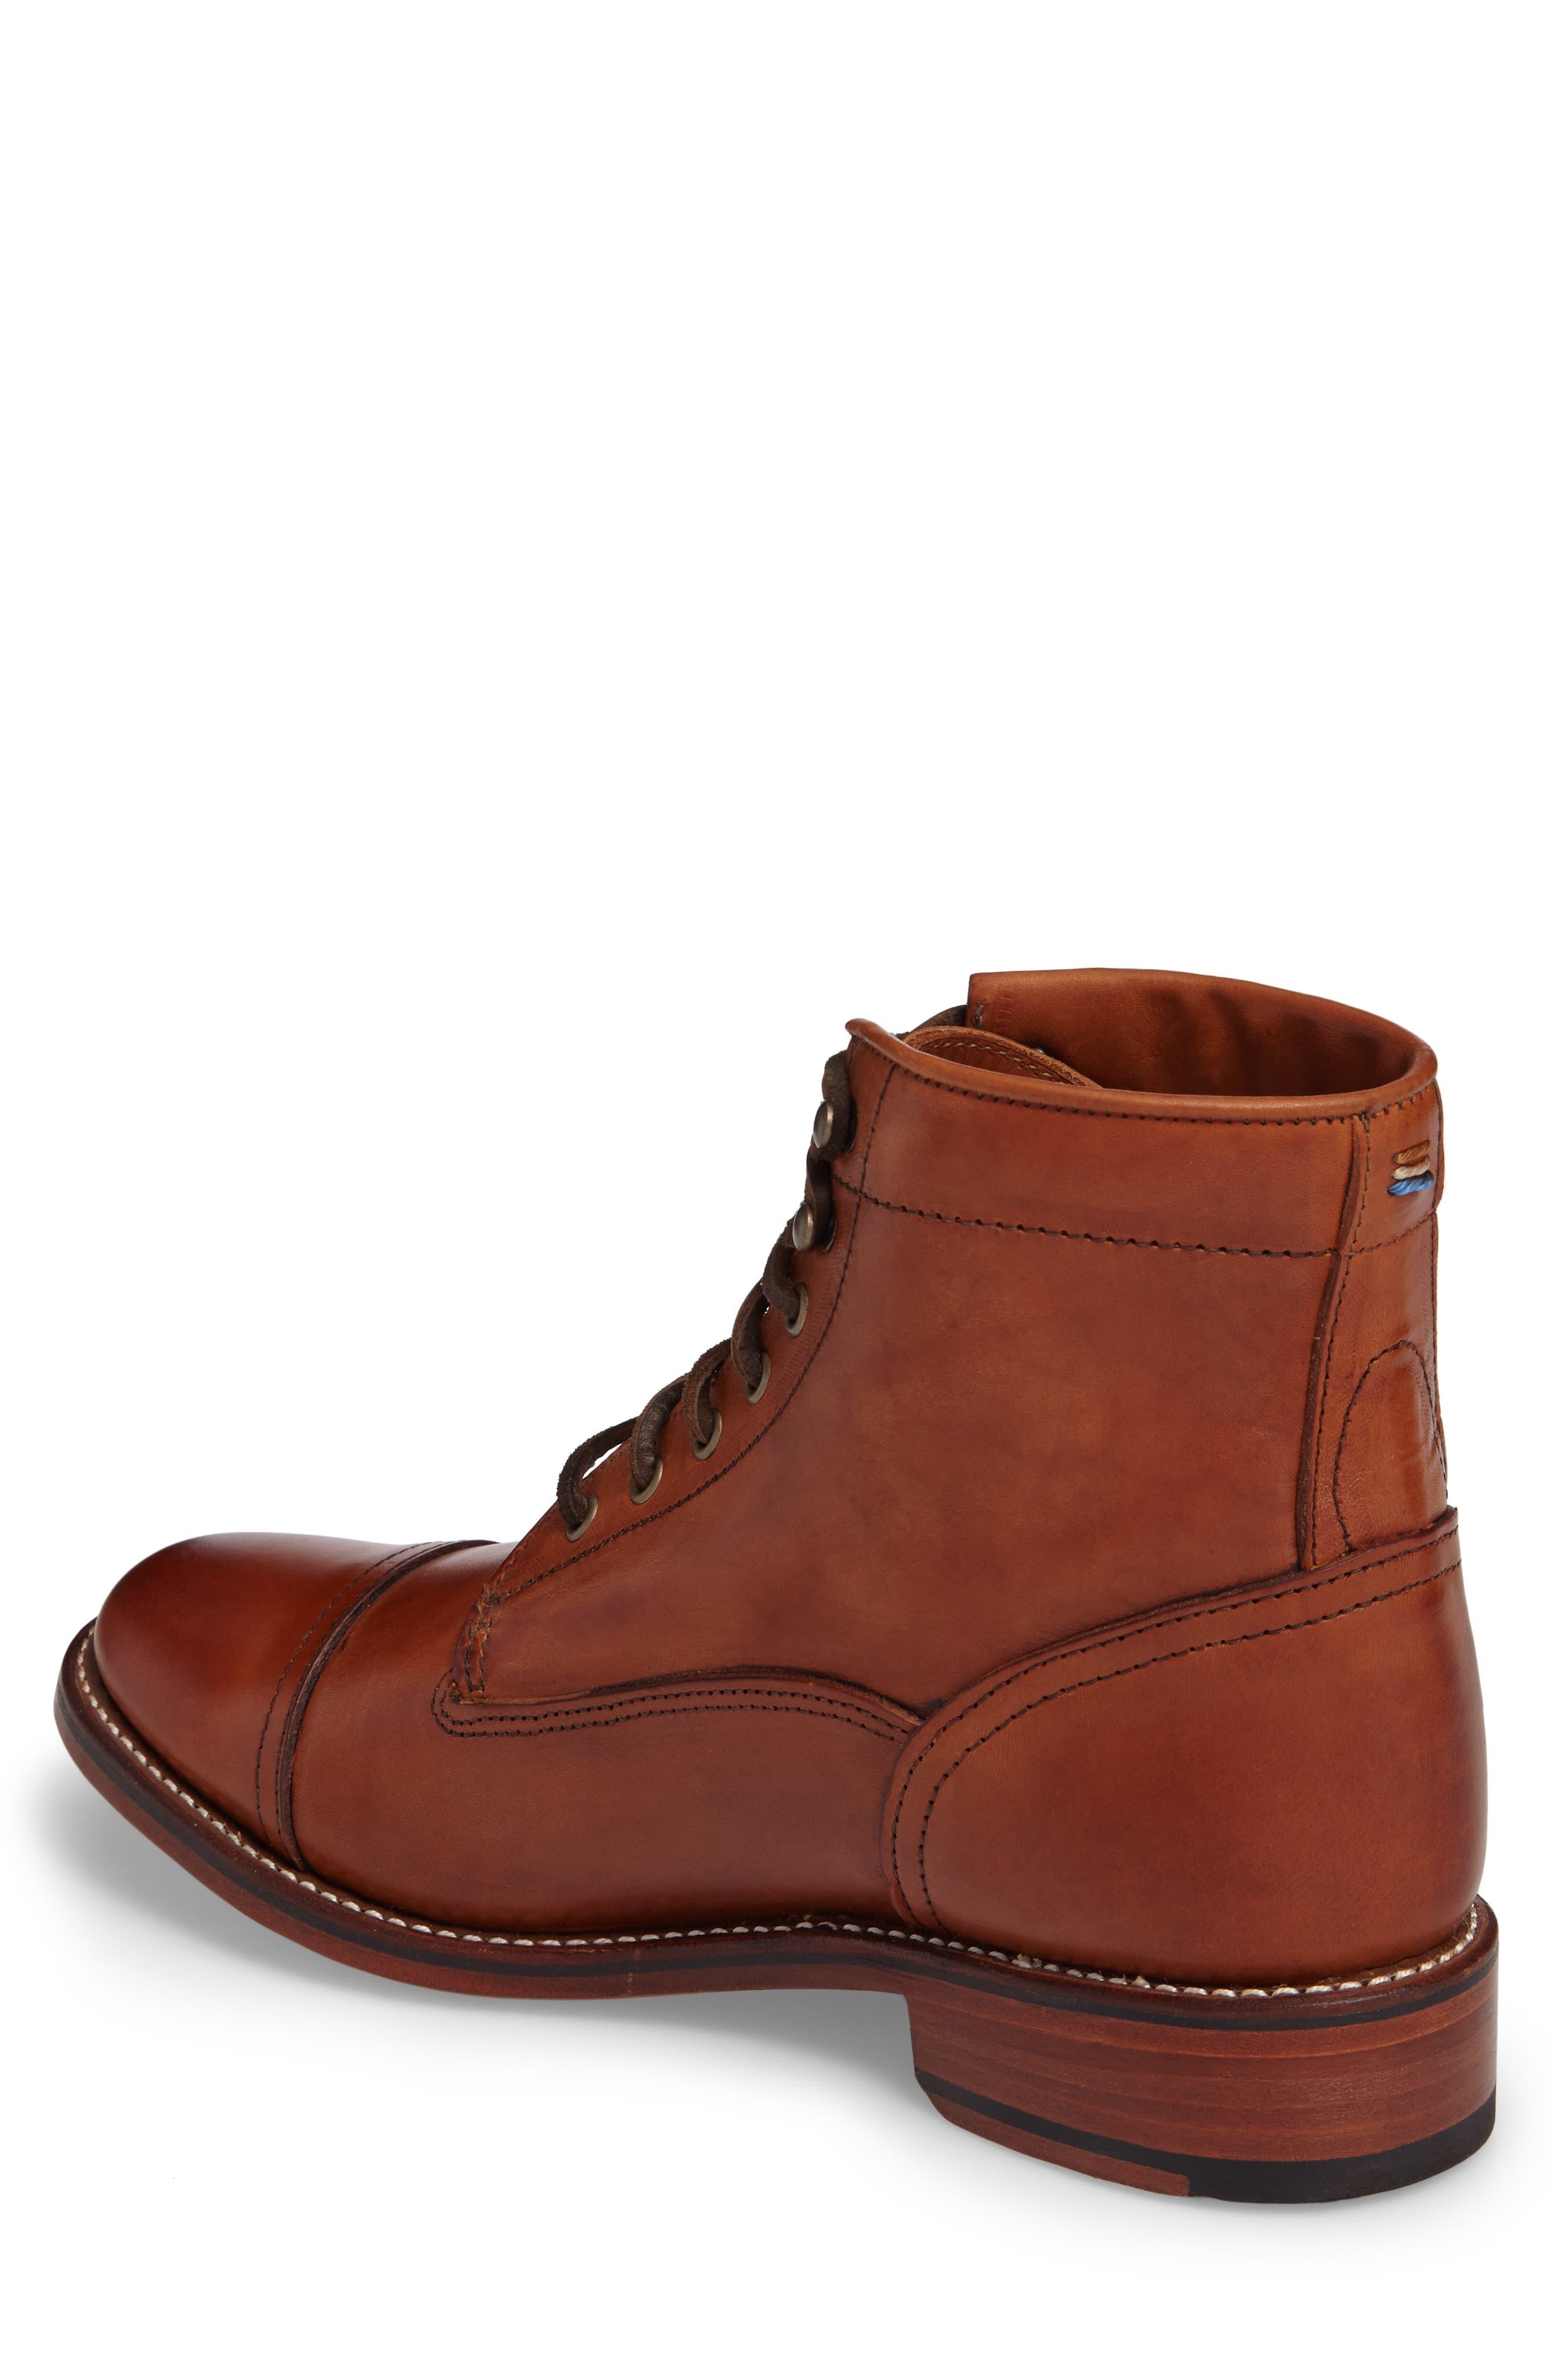 Alternate Image 2  - Ariat Highlands Cap Toe Boot (Men)